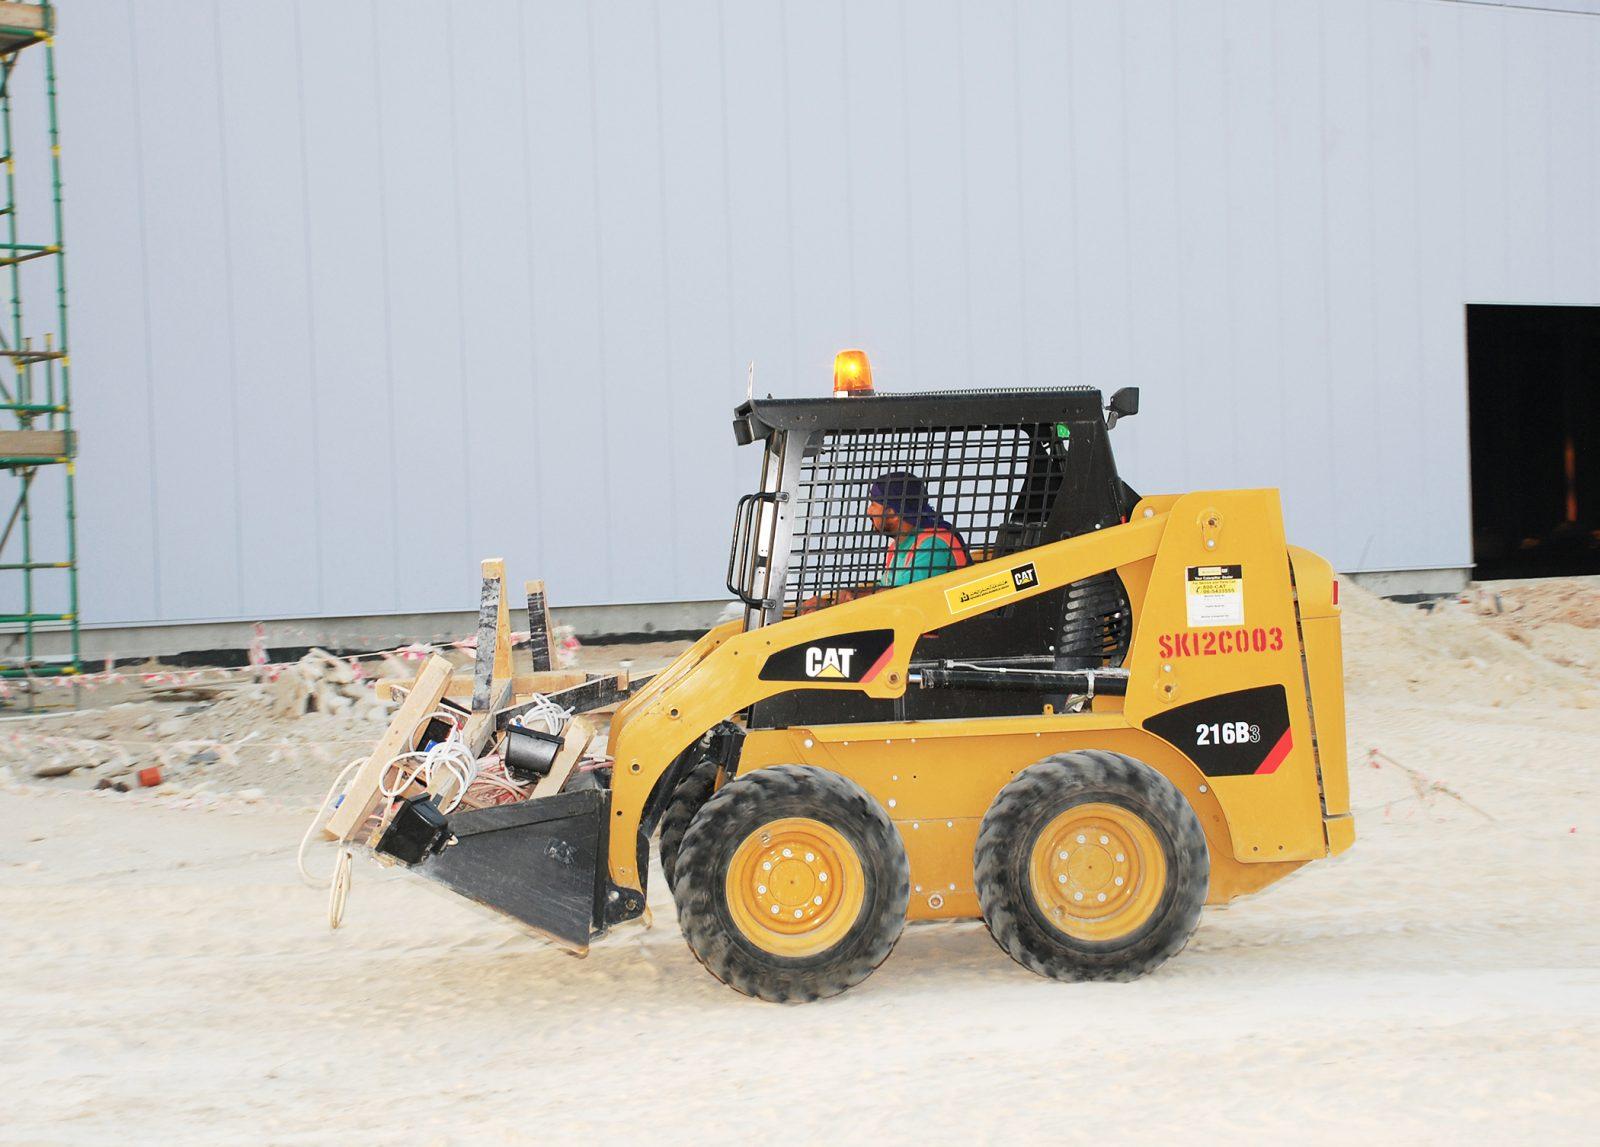 Equipment Maintenance for Skid Steer Loaders - Mohamed